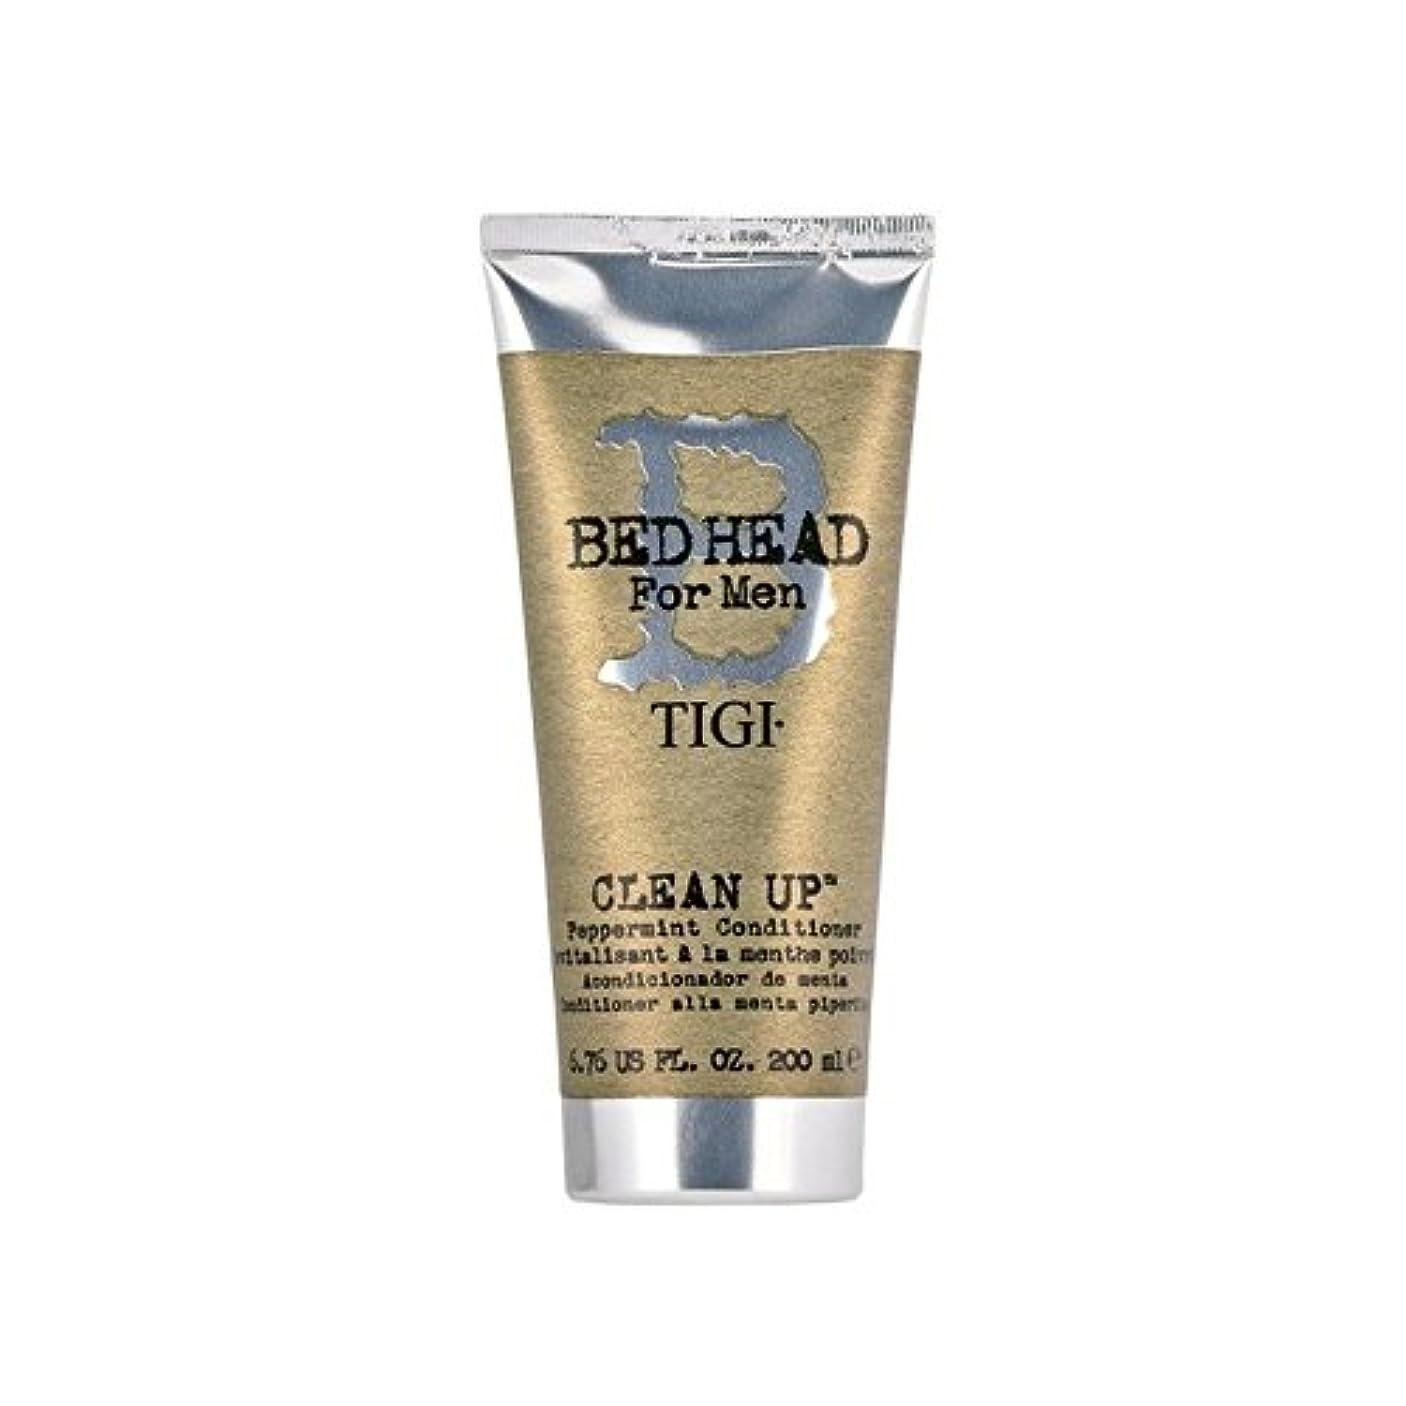 誘惑ステンレス船尾Tigi Bed Head For Men Clean Up Peppermint Conditioner (200ml) (Pack of 6) - ペパーミントコンディショナーをクリーンアップする男性のためのティジーベッドヘッド(200ミリリットル) x6 [並行輸入品]